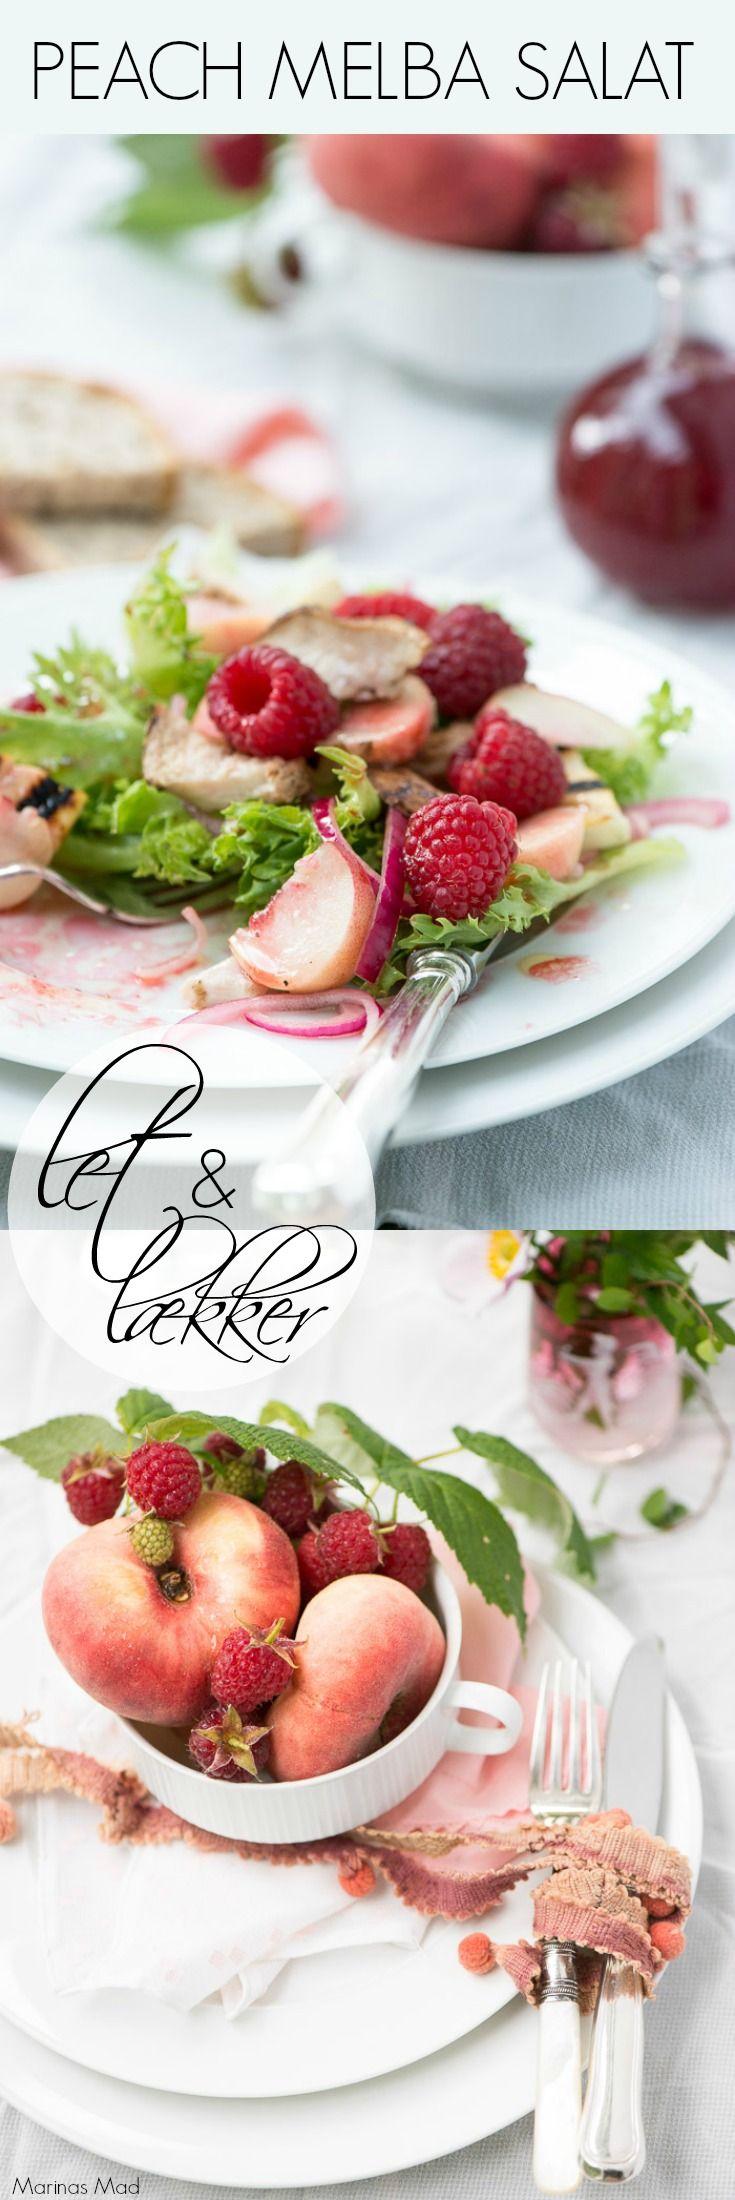 Lækker salat med solmodne ferskerner og friske hindbær. Måltids salat med kylling og grillet ost kan servers som let aftensmad, men salaten er også skøn i enkel version som tilbehør. Opskrift fra Marinas Mad: Årstidens opskrifter